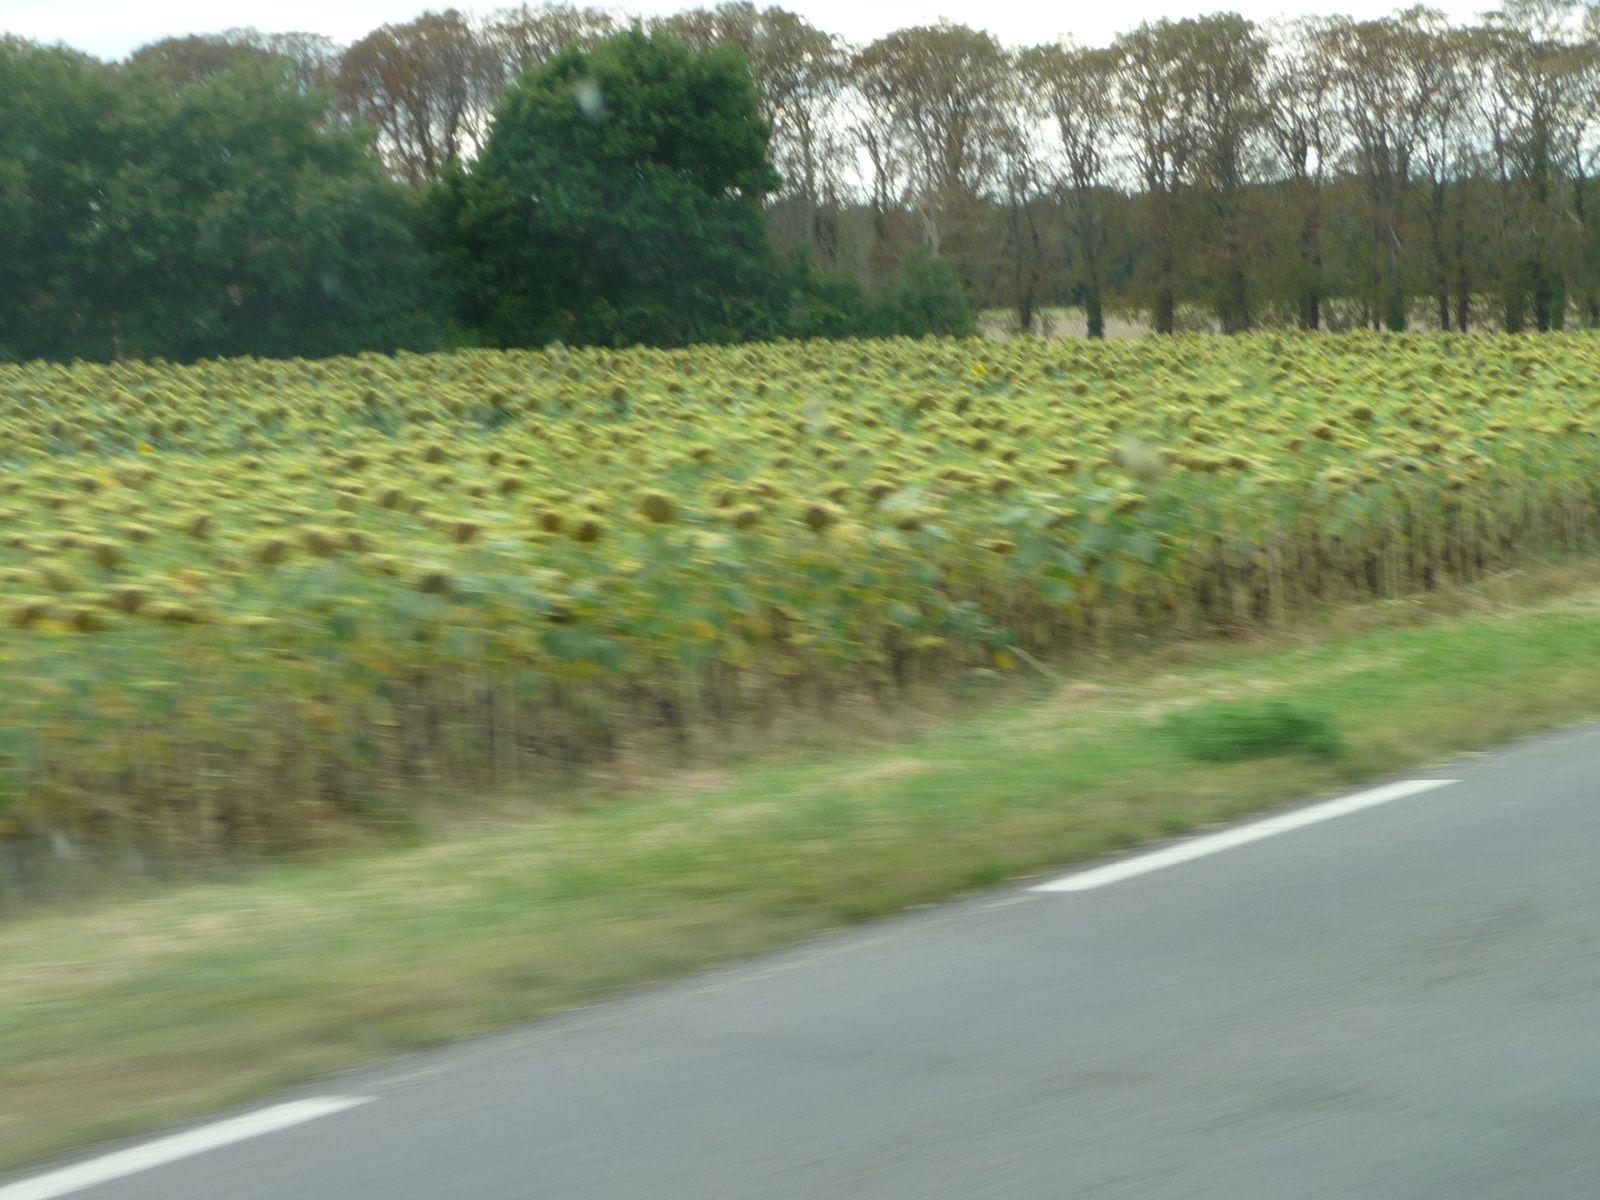 sur la route , nous aperçevons des tournesols , ils sont passés et moins beaux a cette époque   .